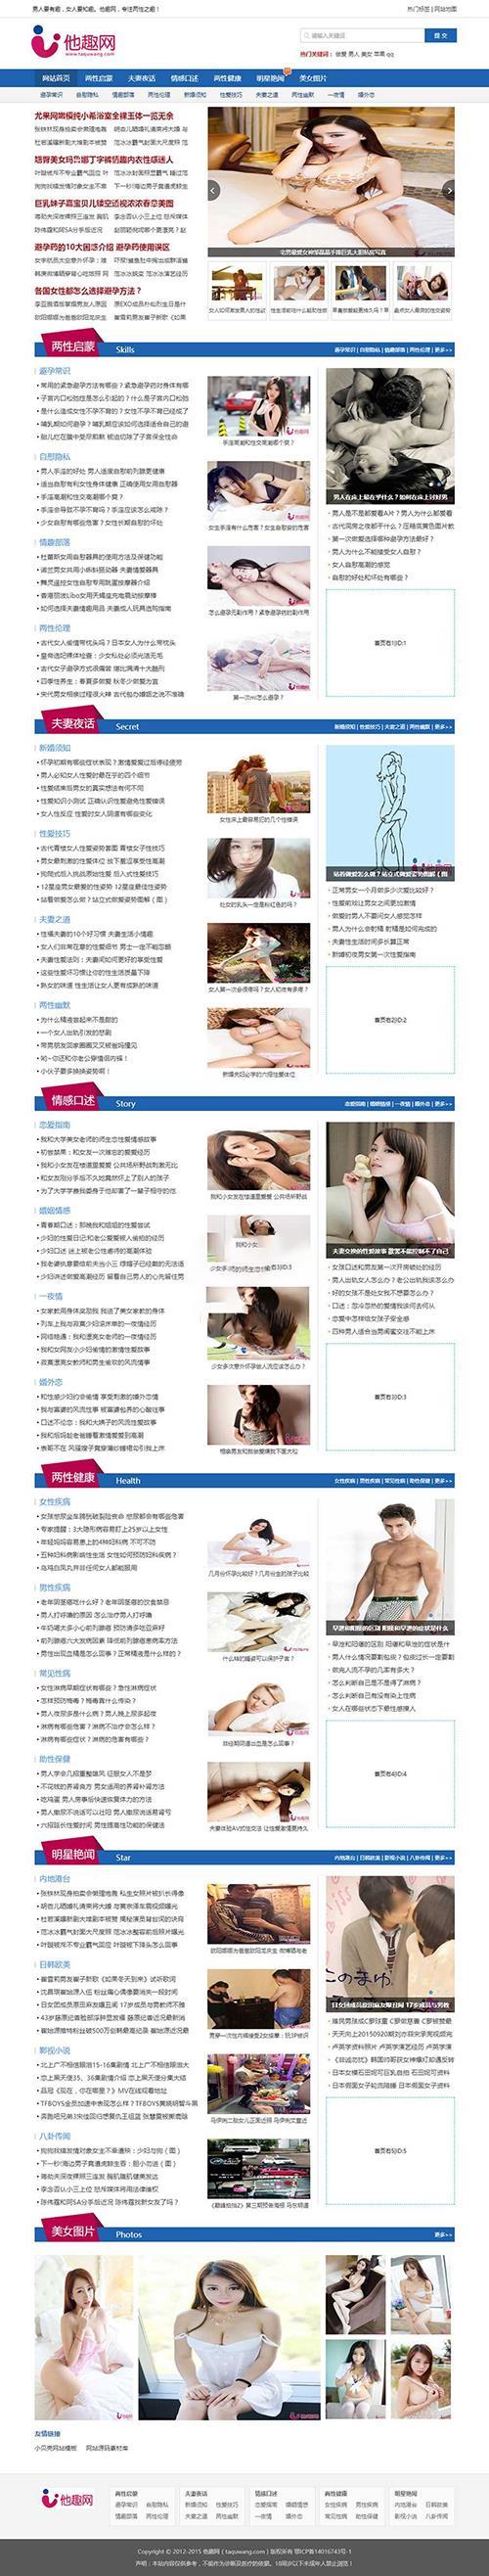 92game整站源码帝国cms模板网站游戏门户图片小说近60套合集